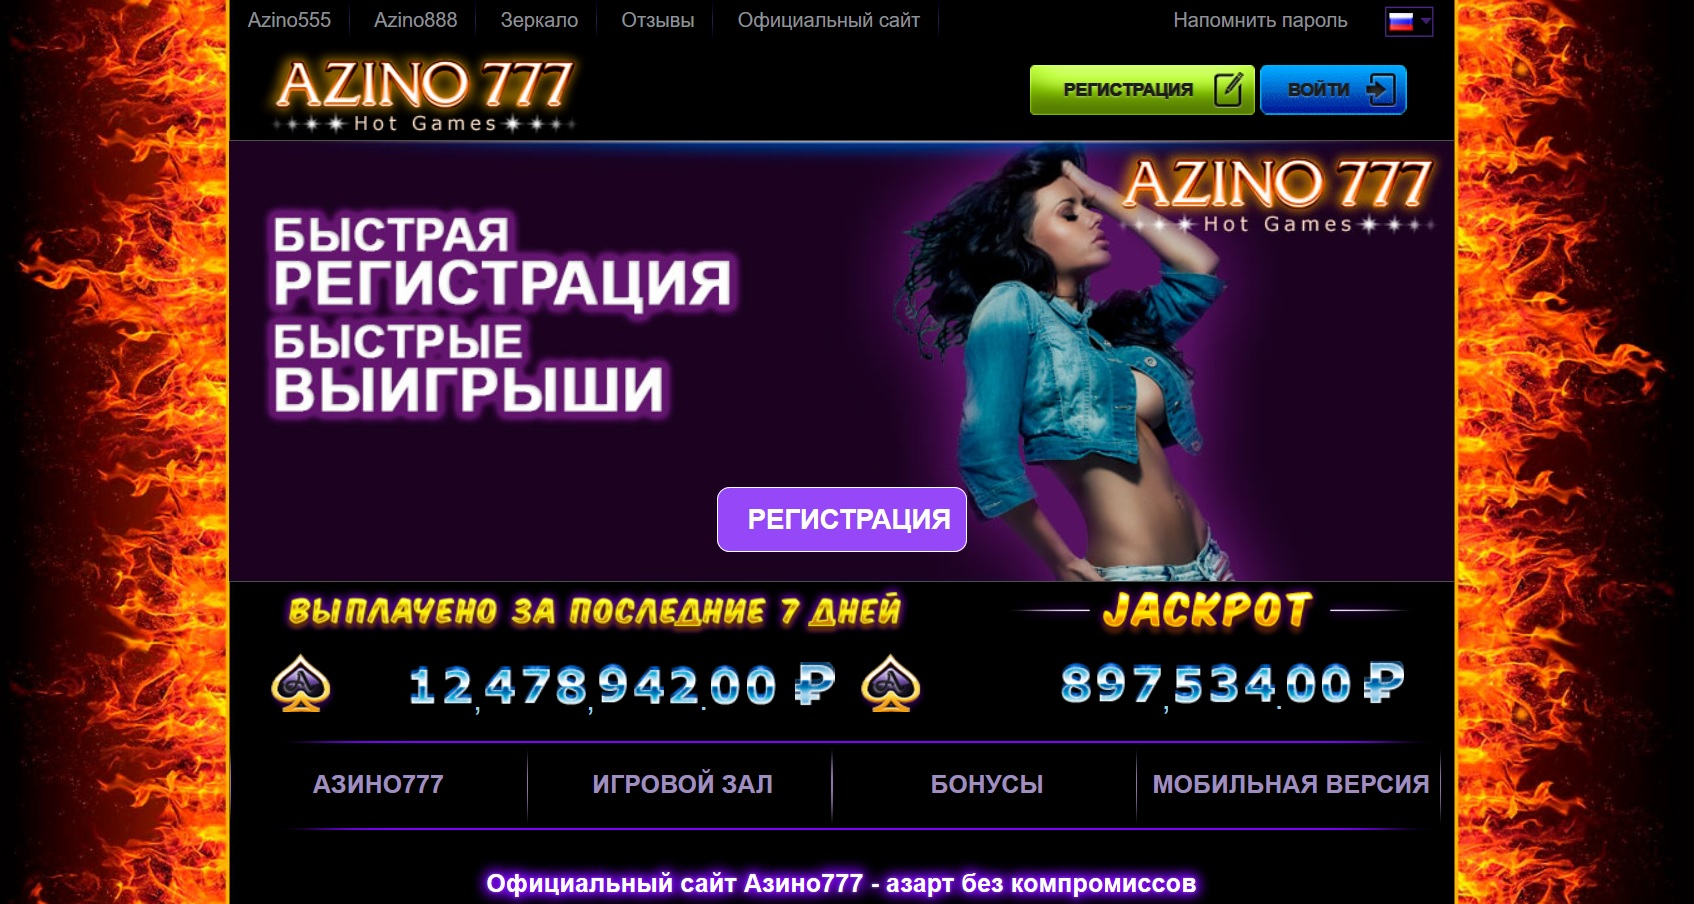 азино777 ру официальный сайт